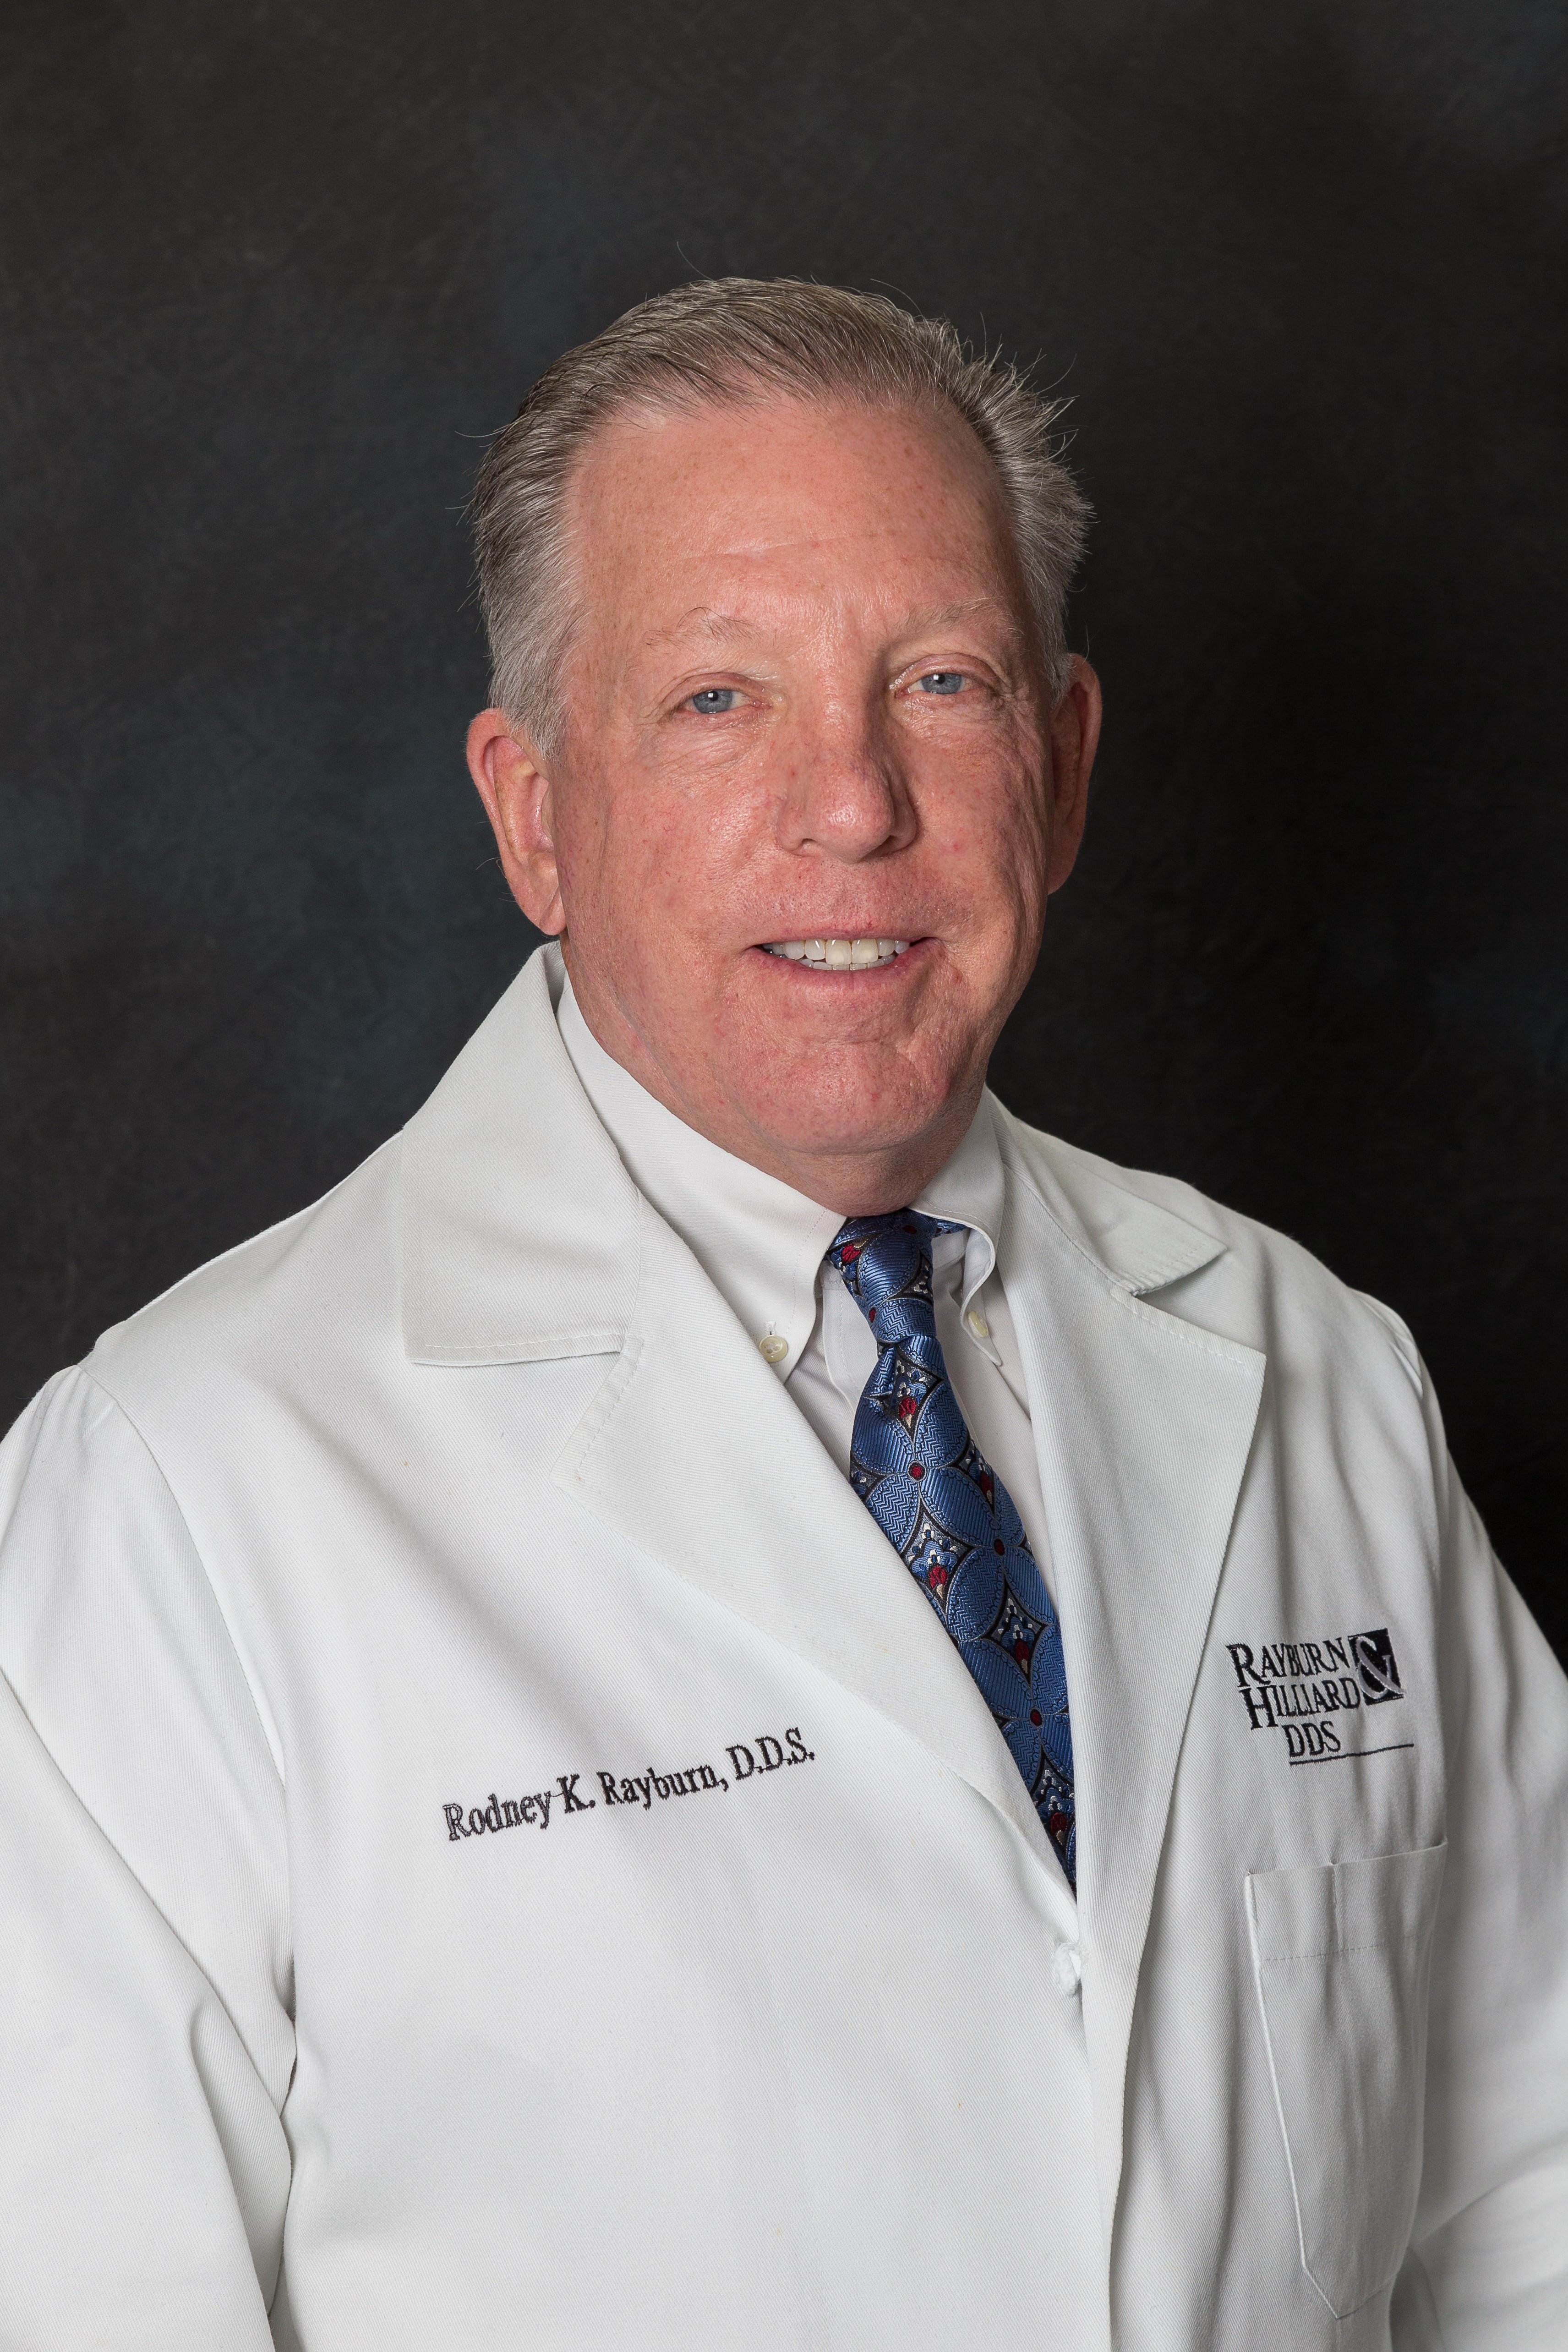 Dr. Rodney K. Rayburn